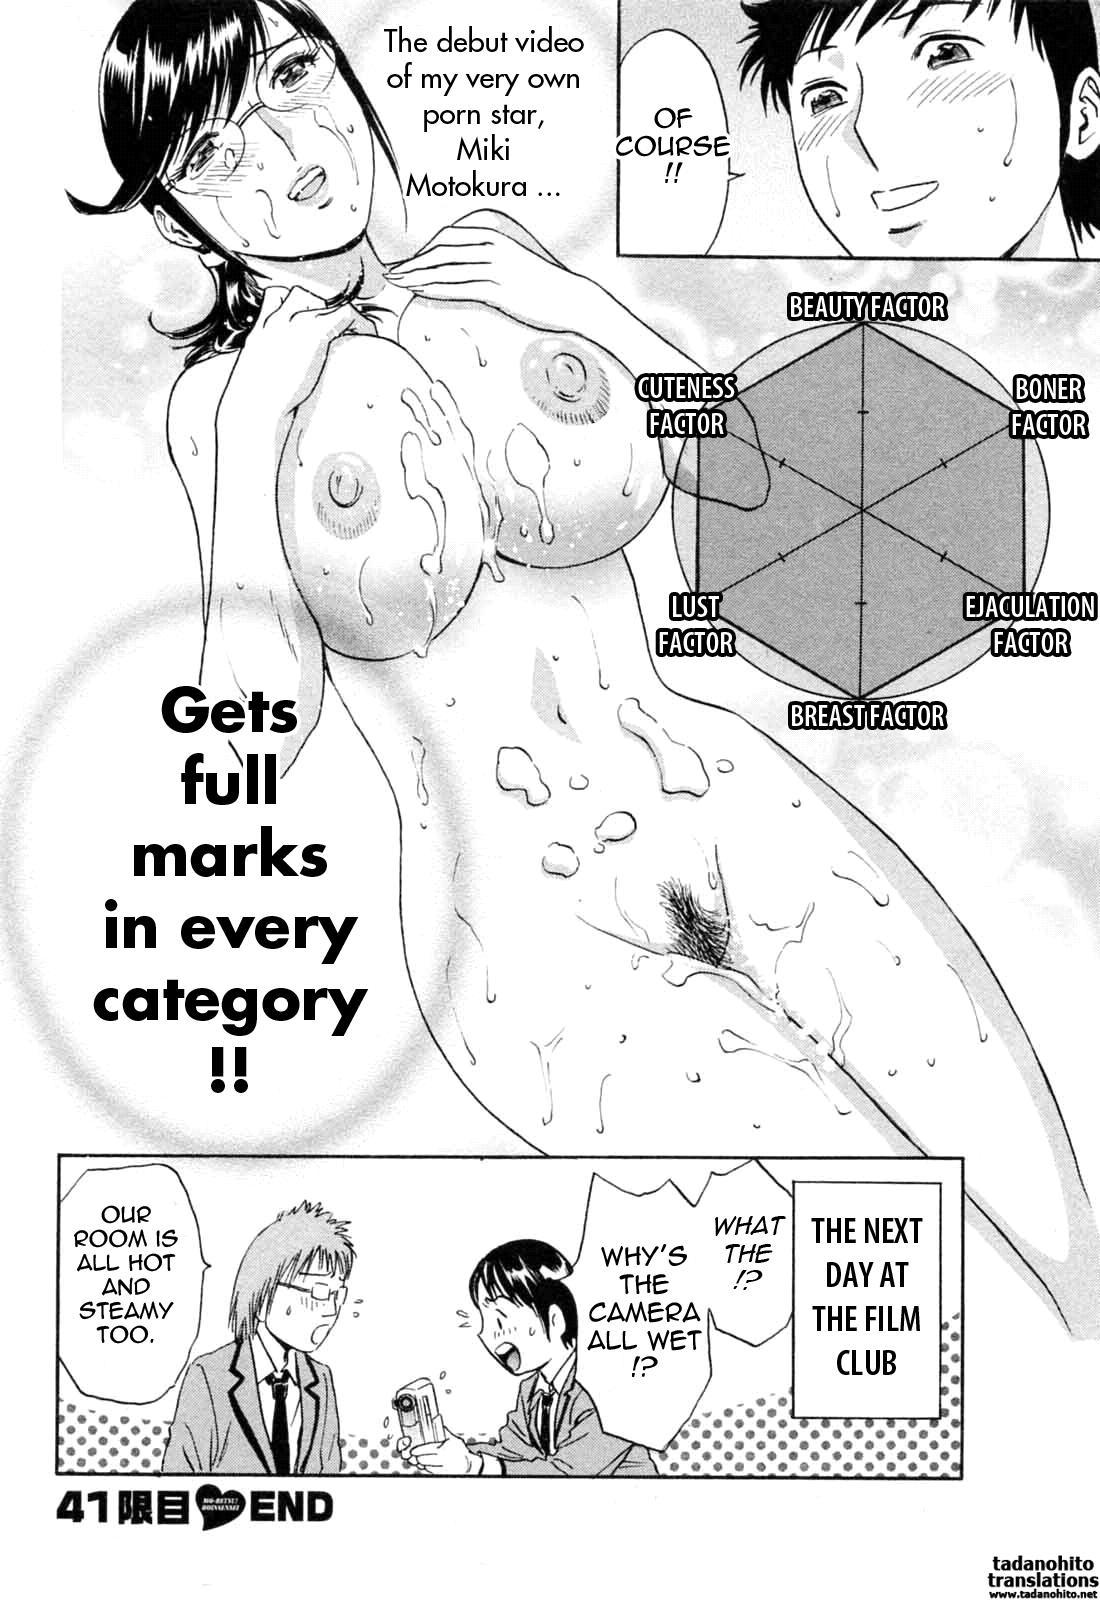 [Hidemaru] Mo-Retsu! Boin Sensei (Boing Boing Teacher) Vol.5 [English] [4dawgz] [Tadanohito] 111